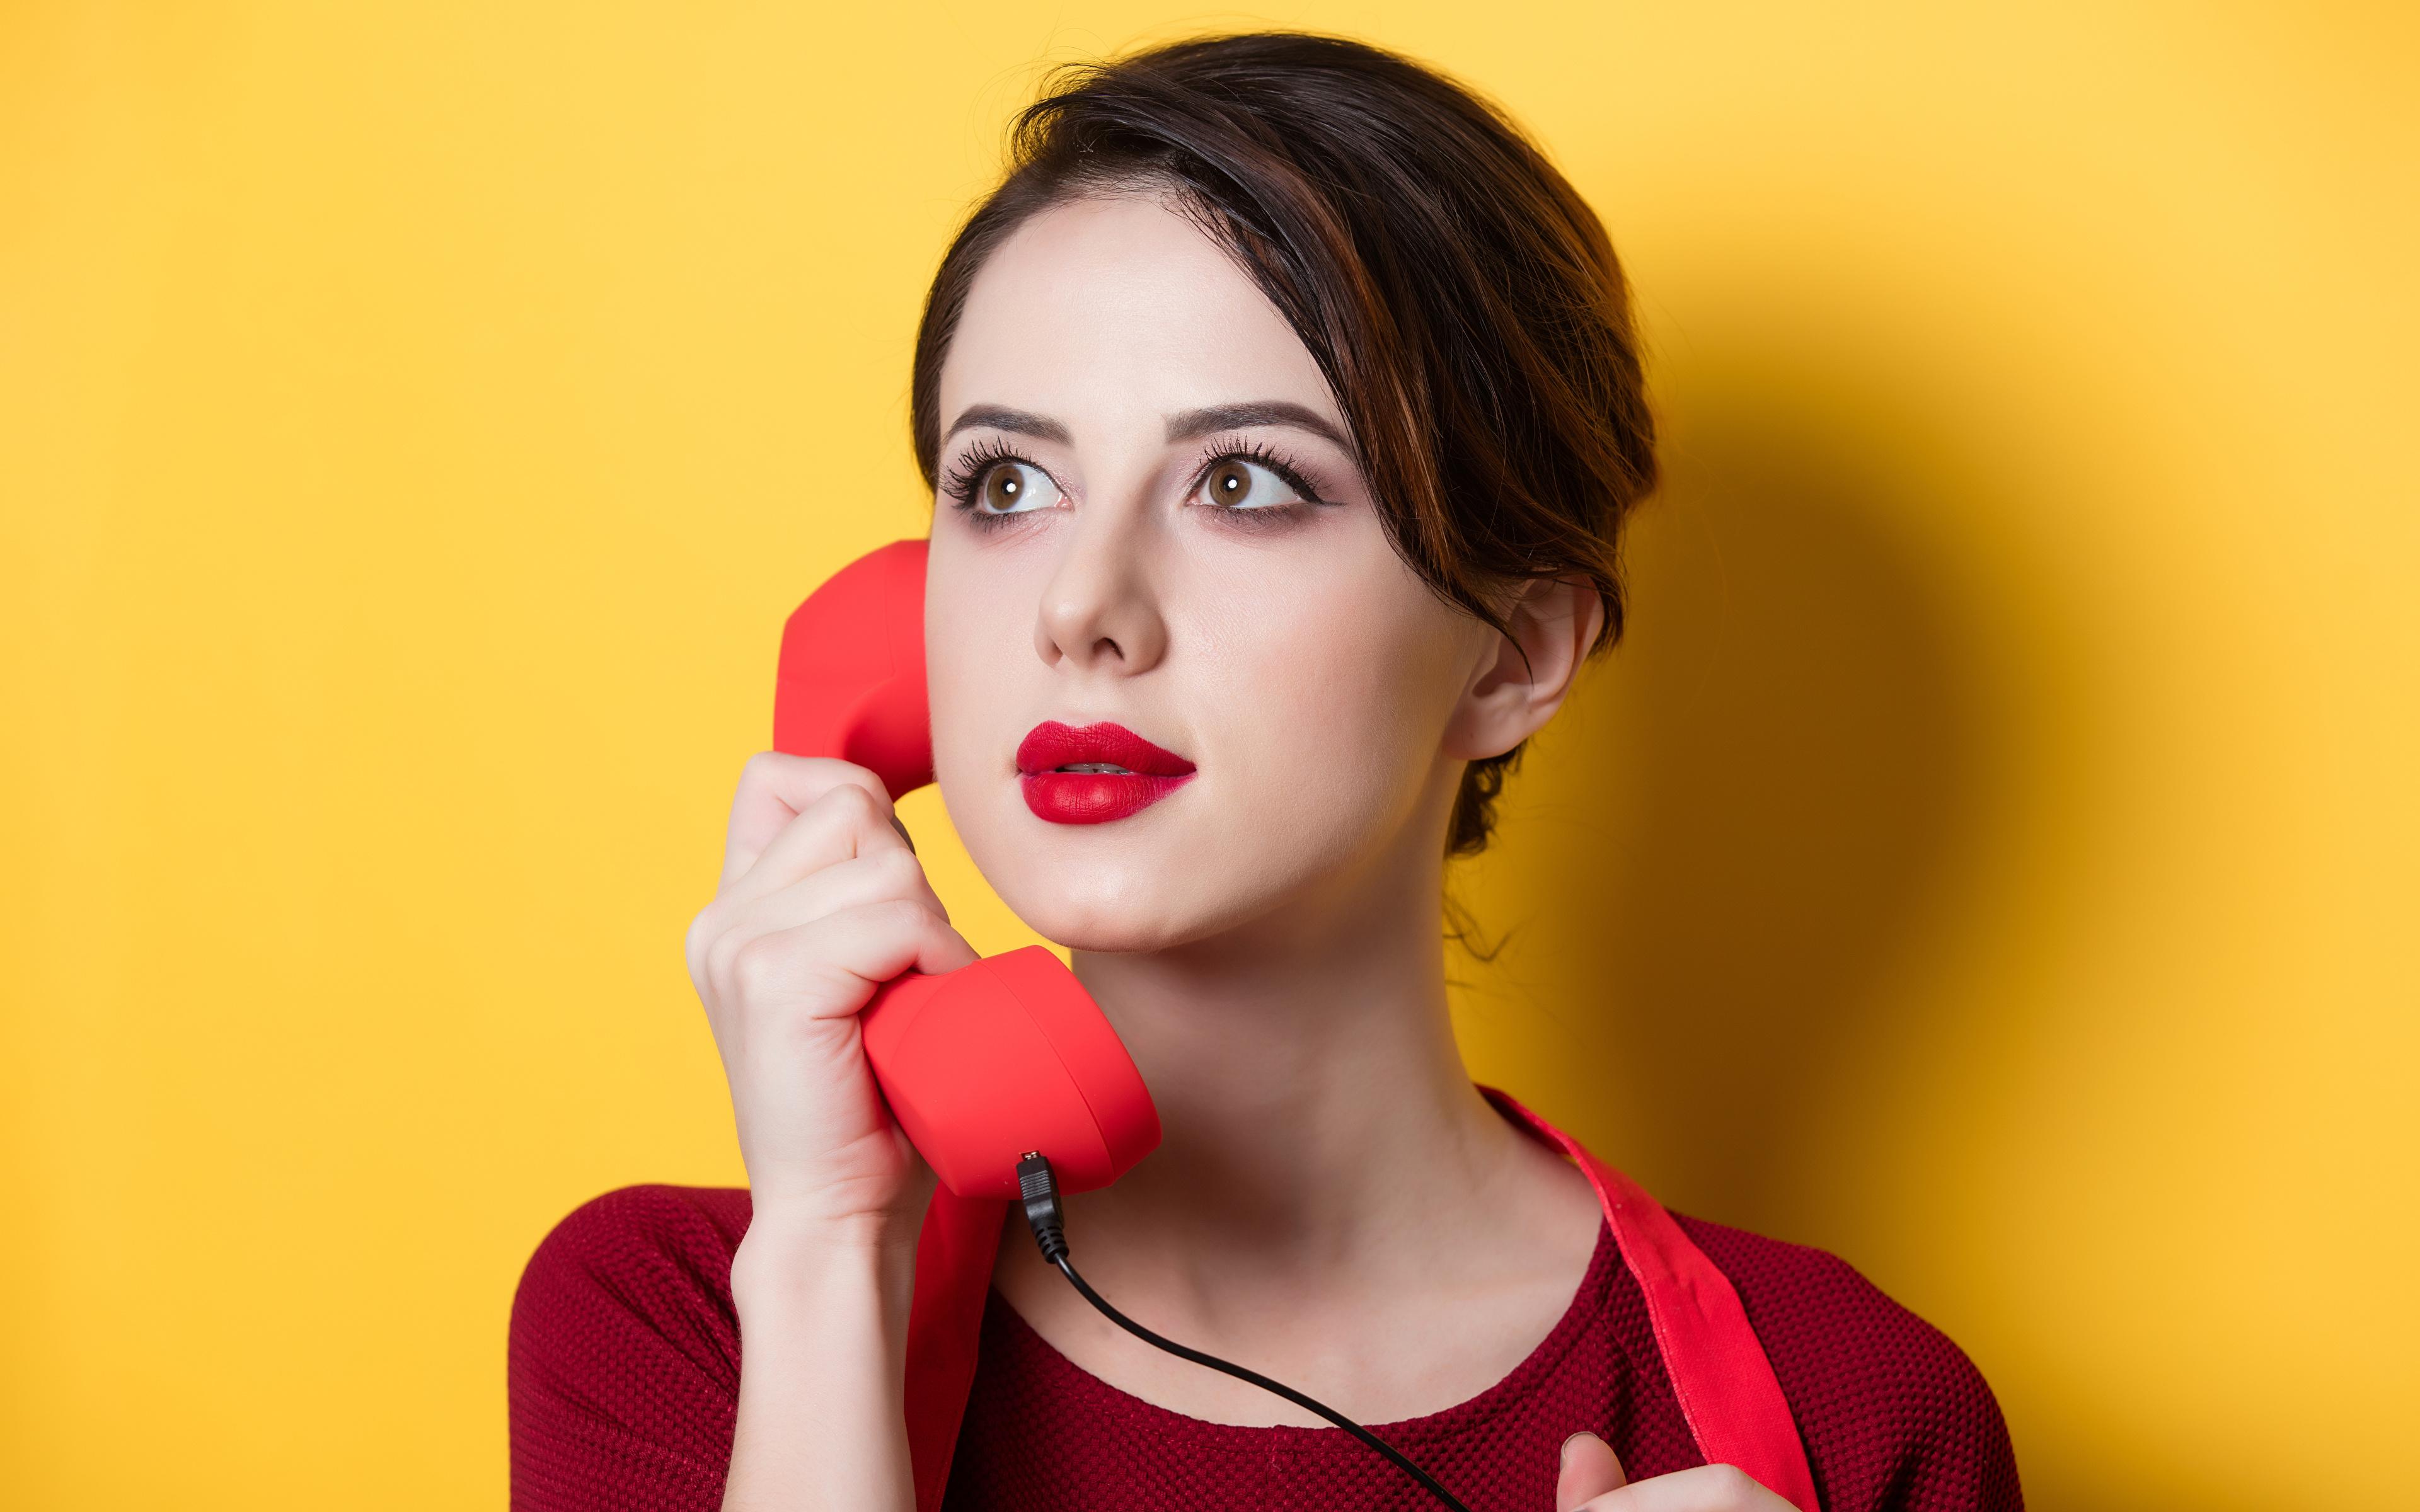 Фотография Шатенка Девушки Телефон Взгляд Цветной фон 3840x2400 смотрит